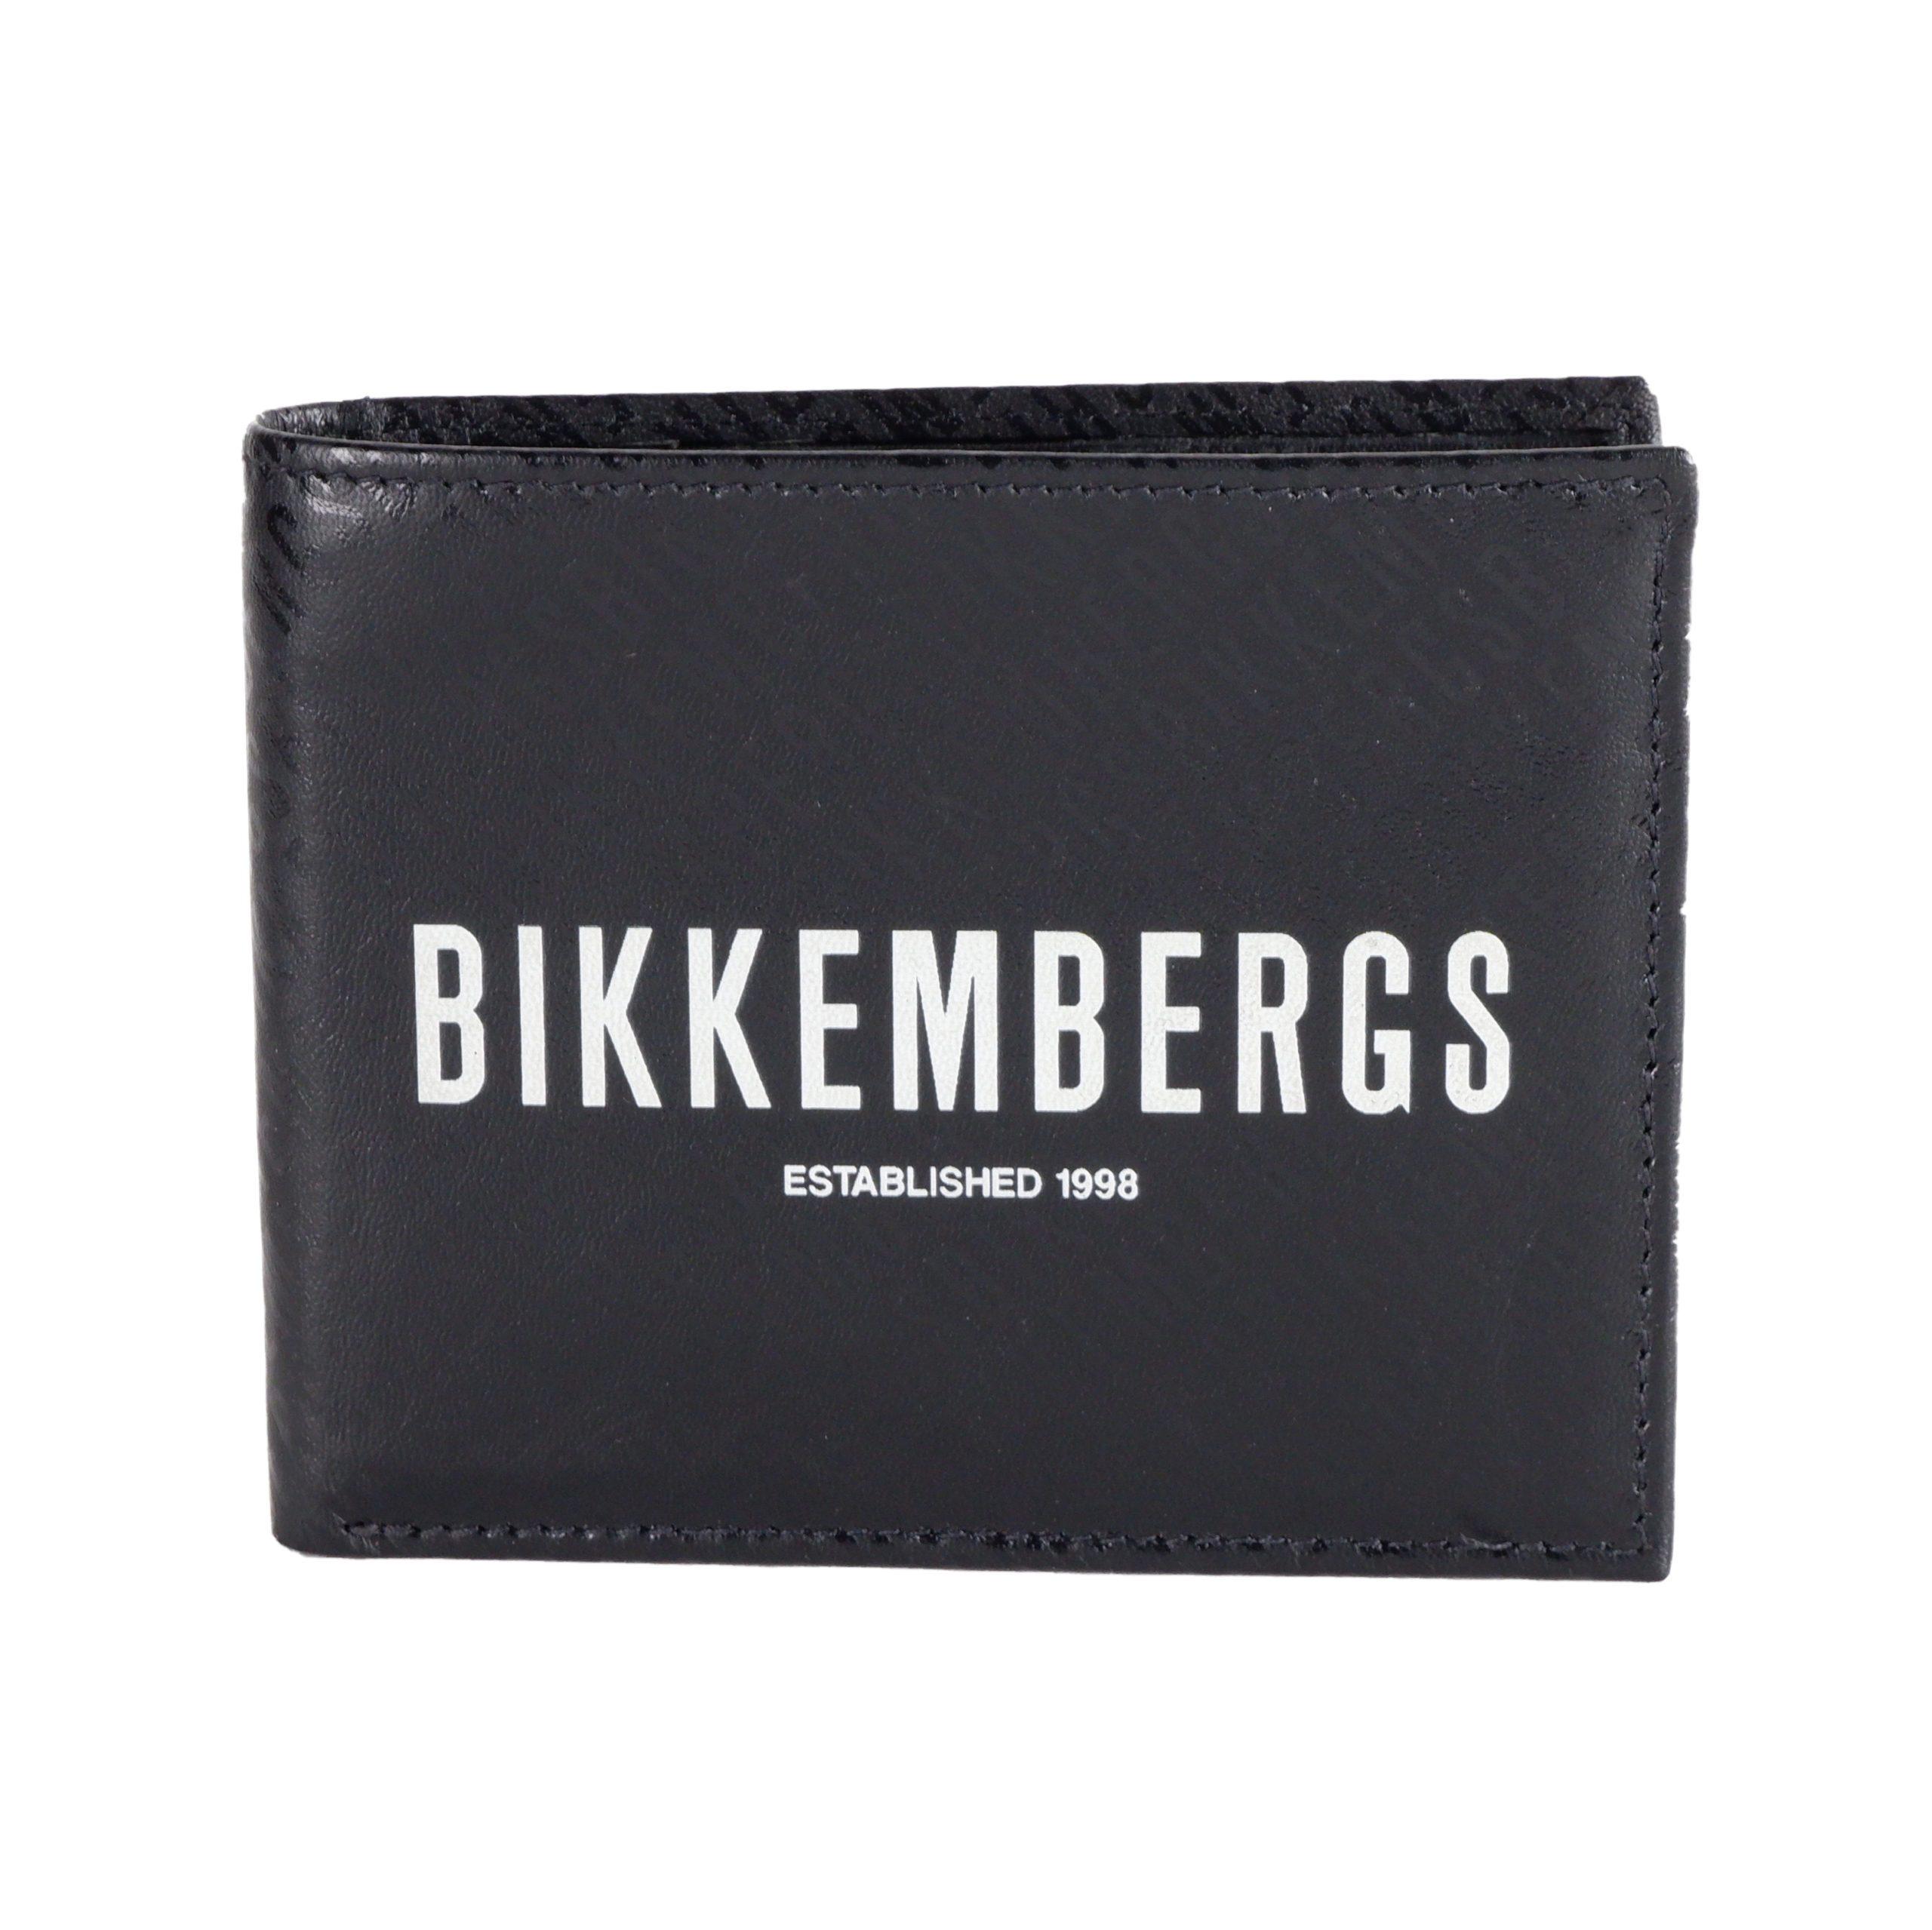 Bikkembergs Men's Wallet Black e1j.304-b01